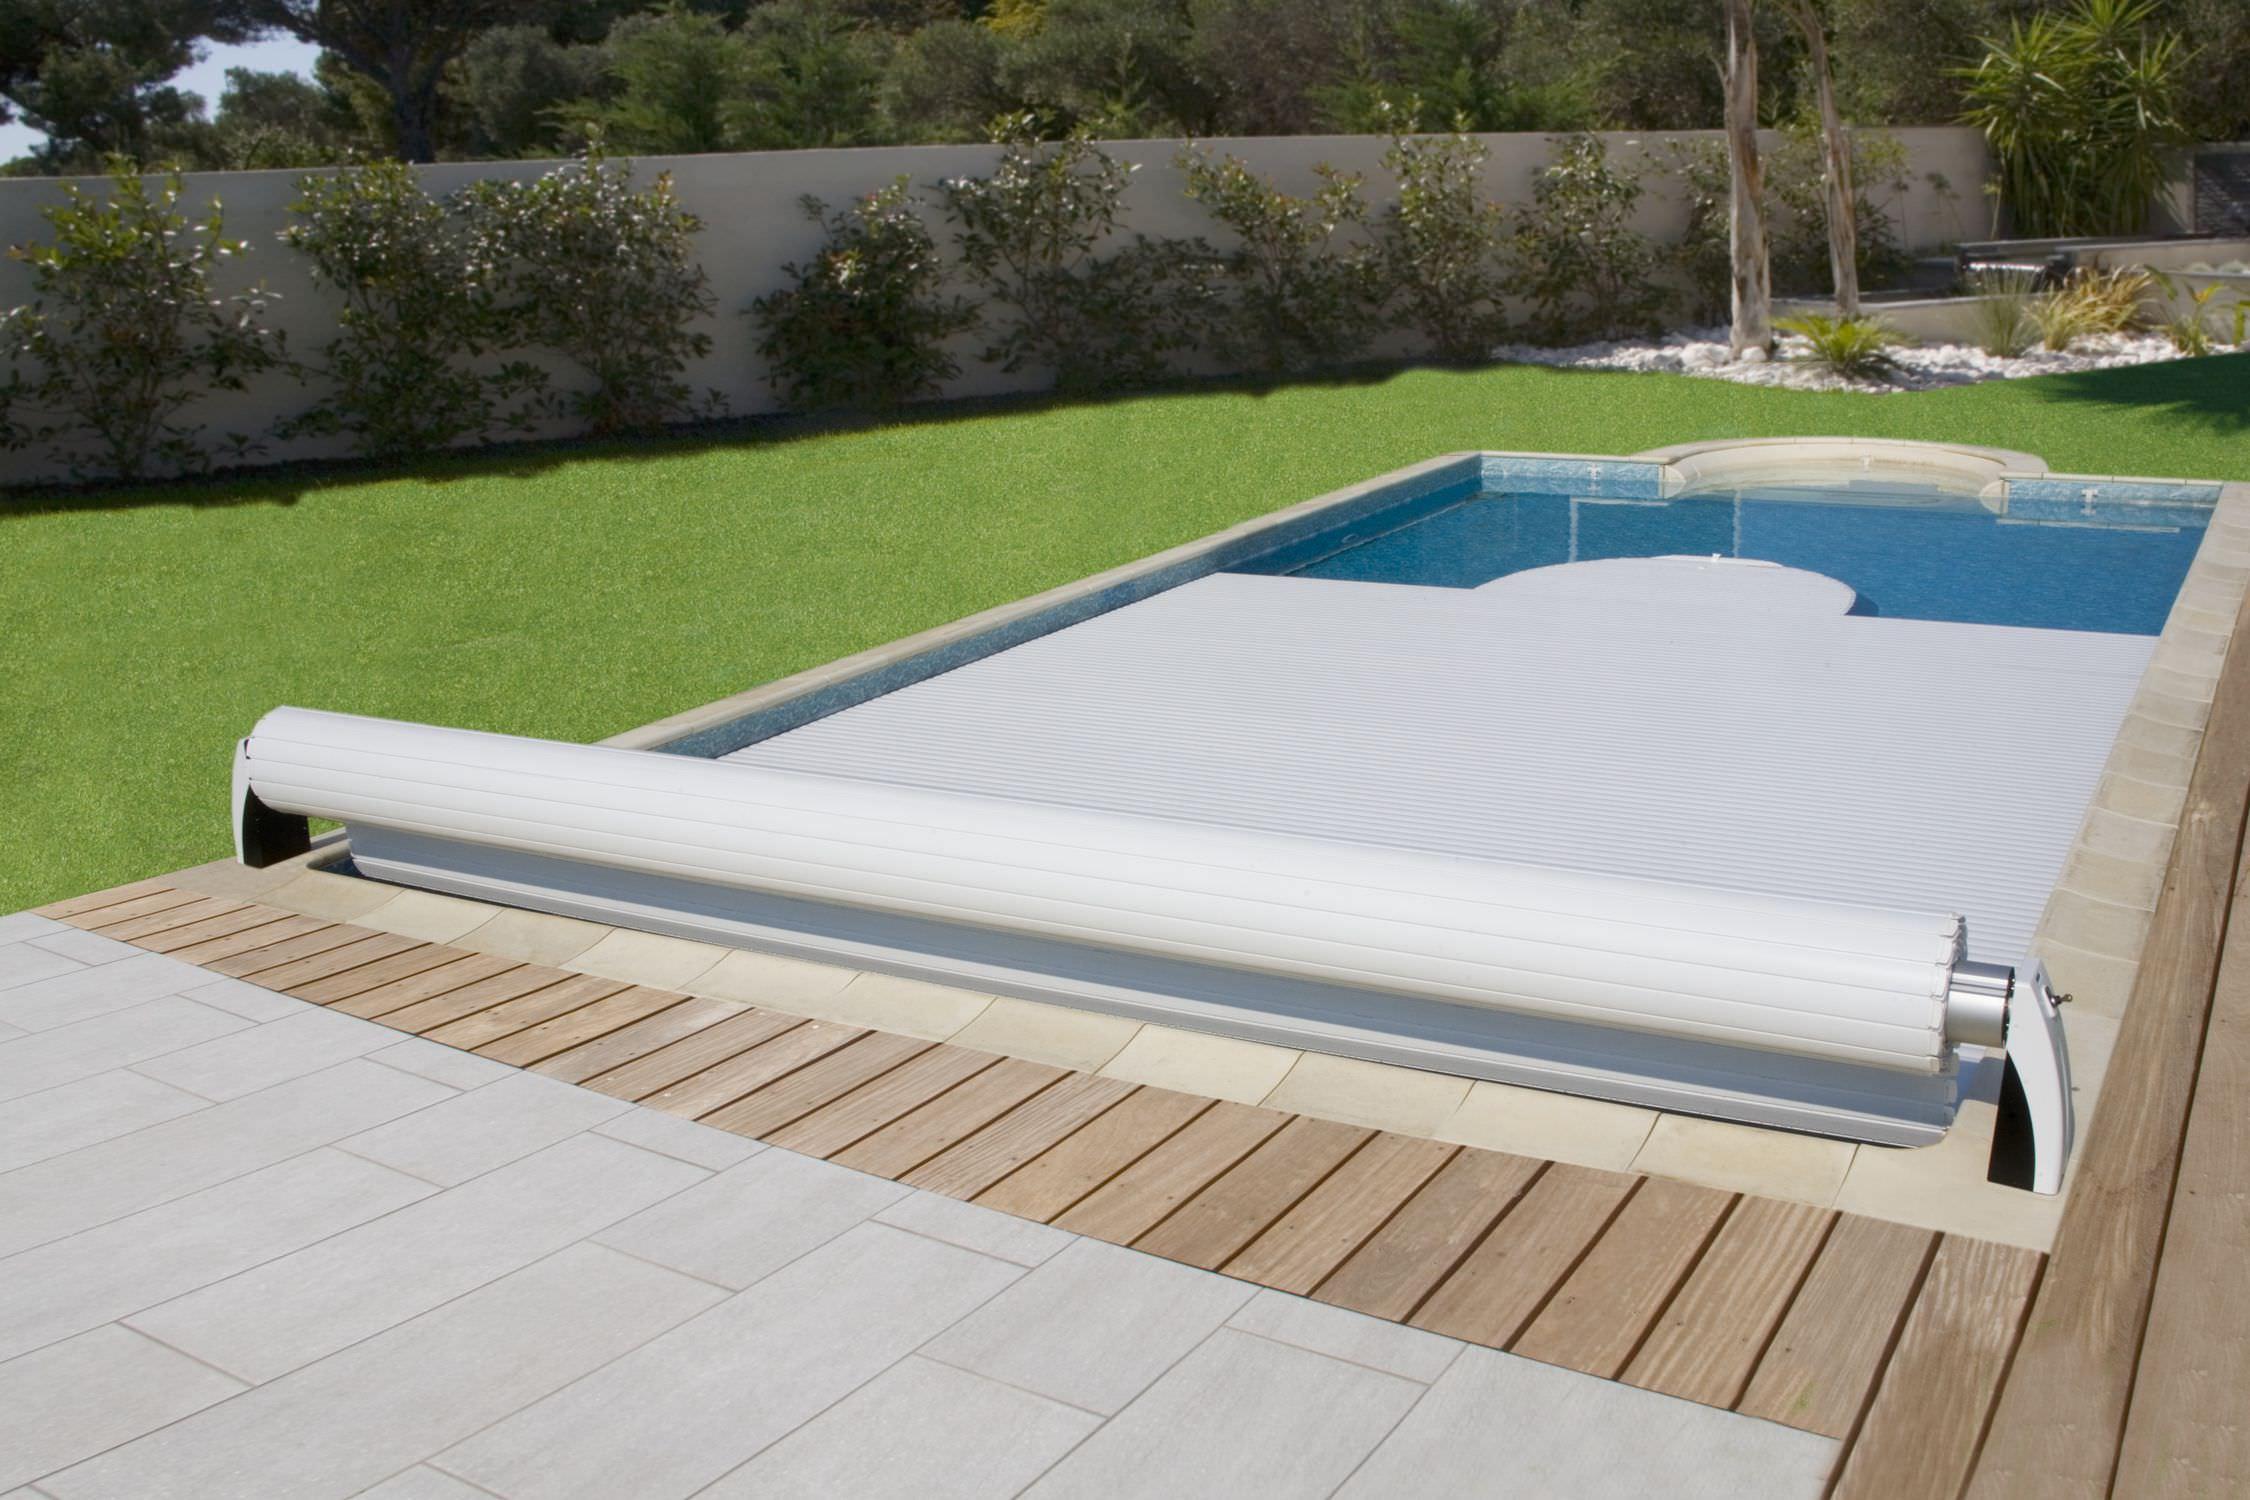 image d'une piscine à moitié recouverte